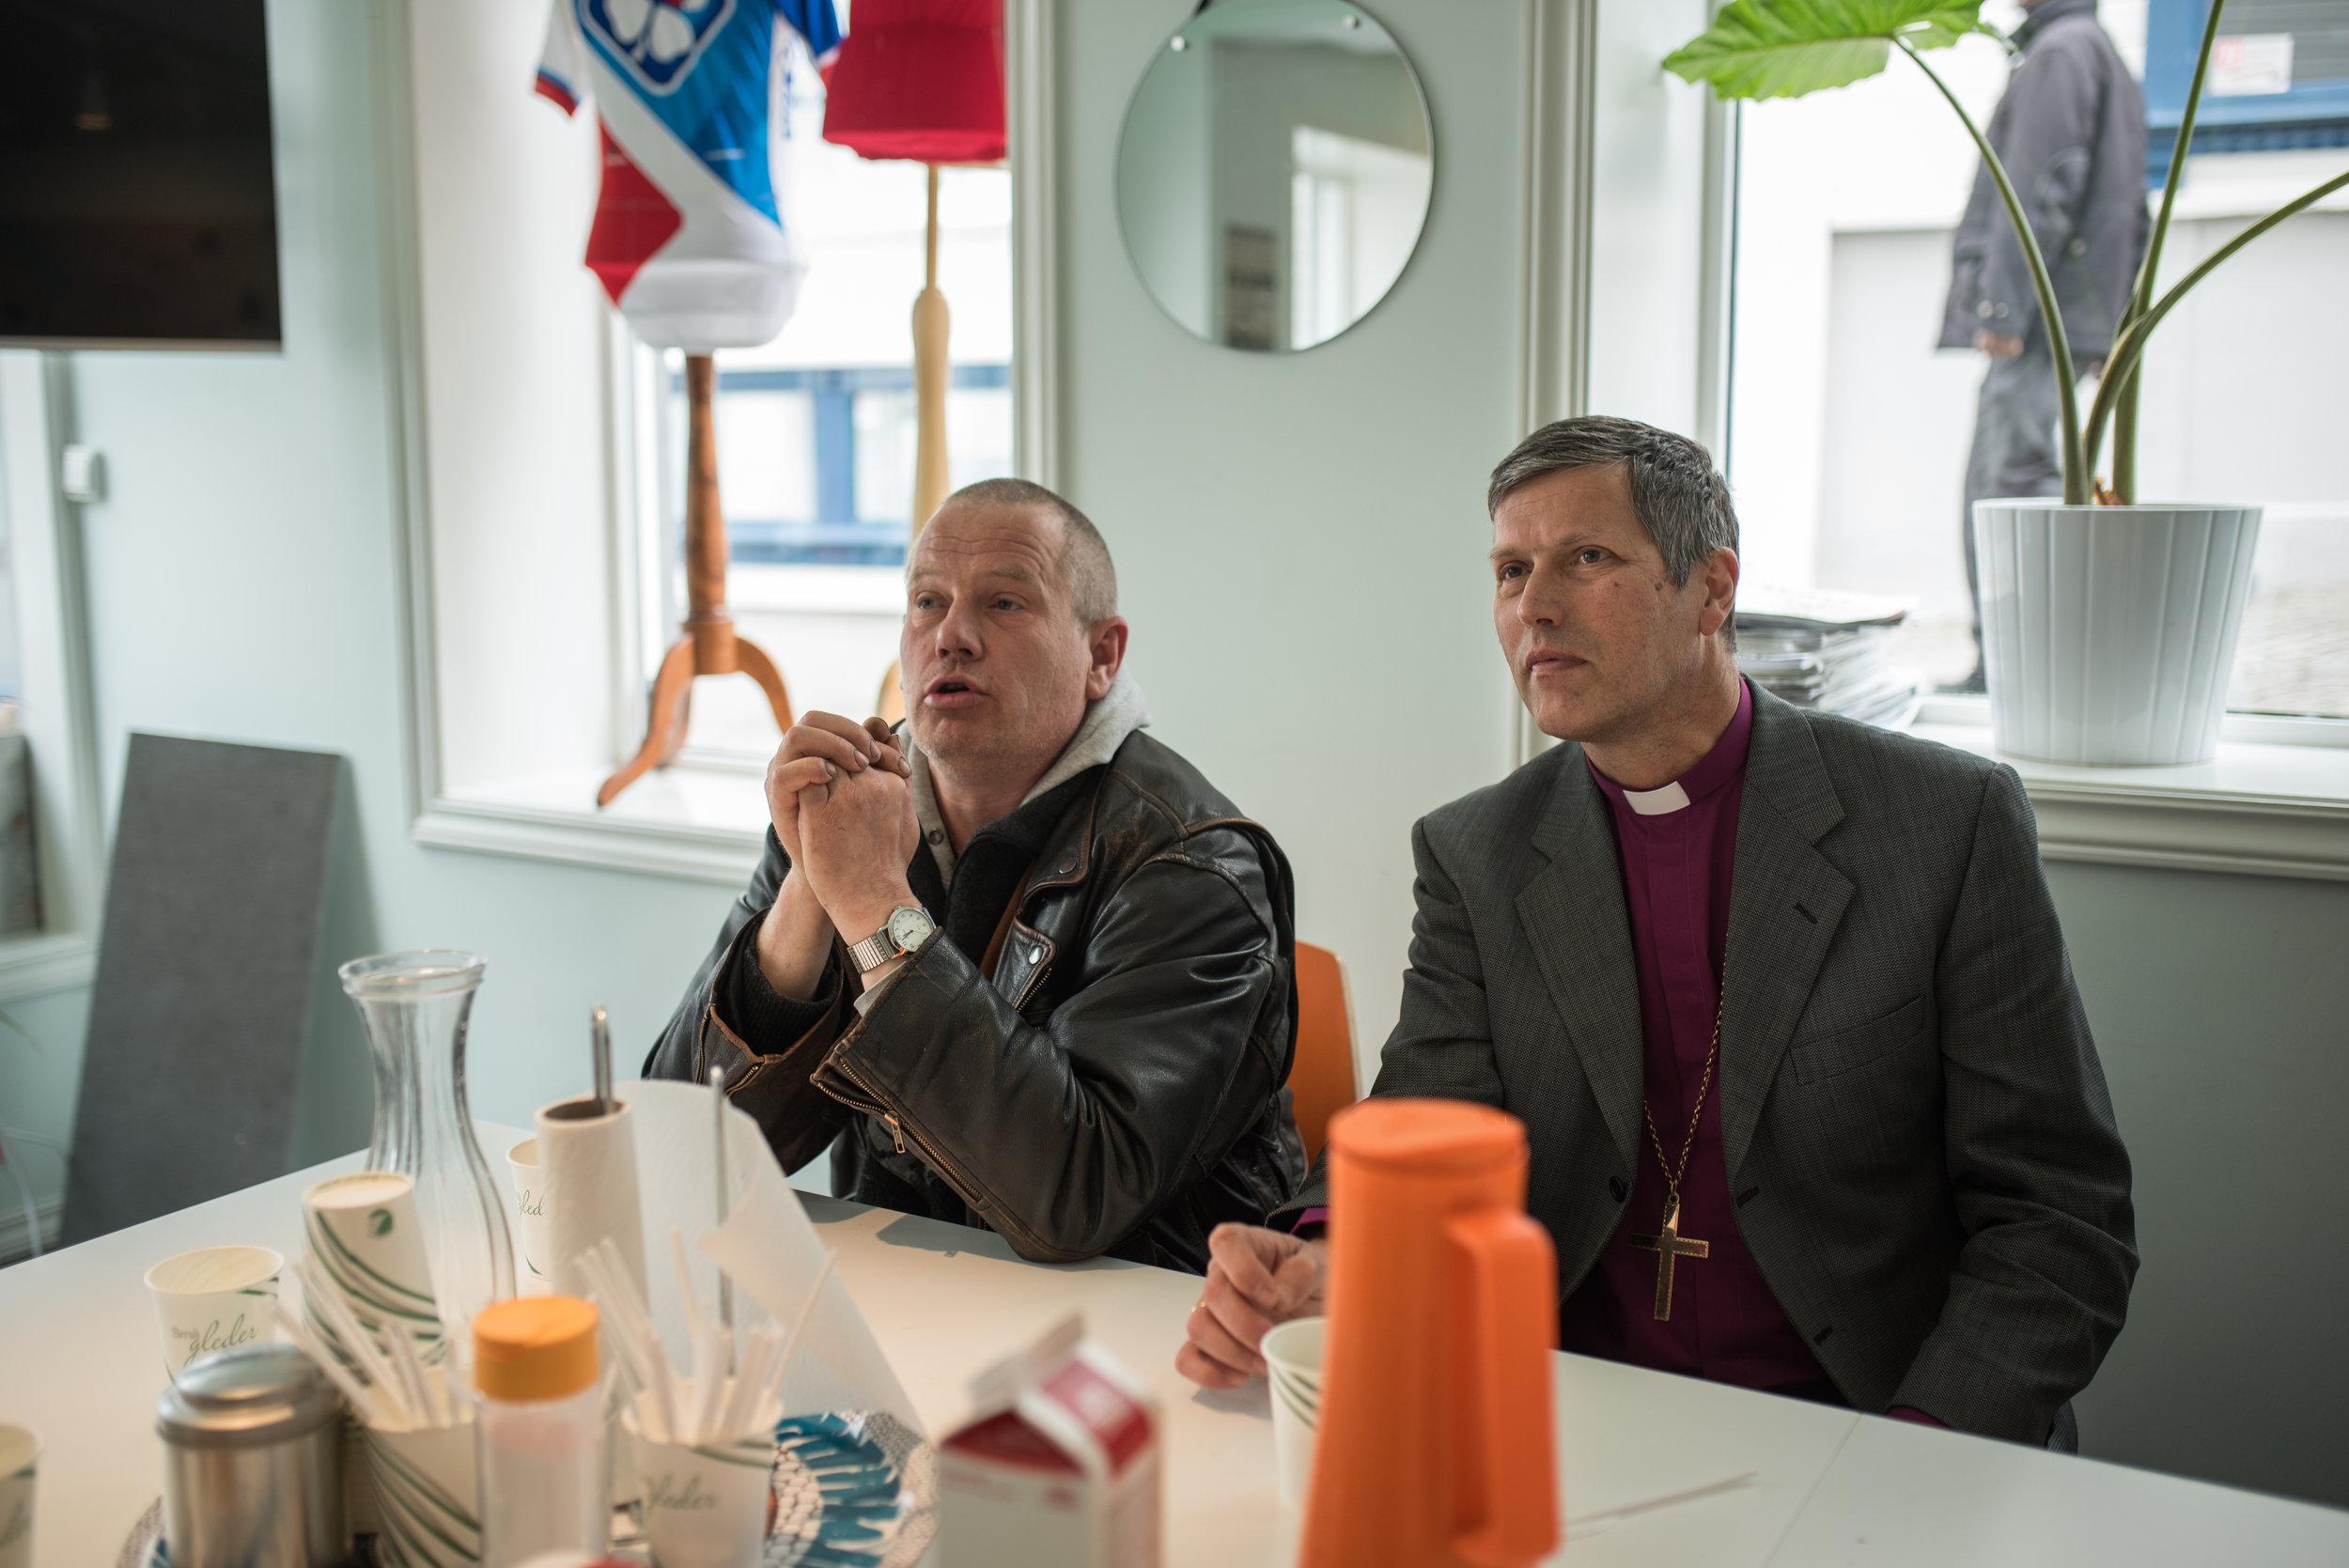 Reidar og biskopen i dyp diskusjon.